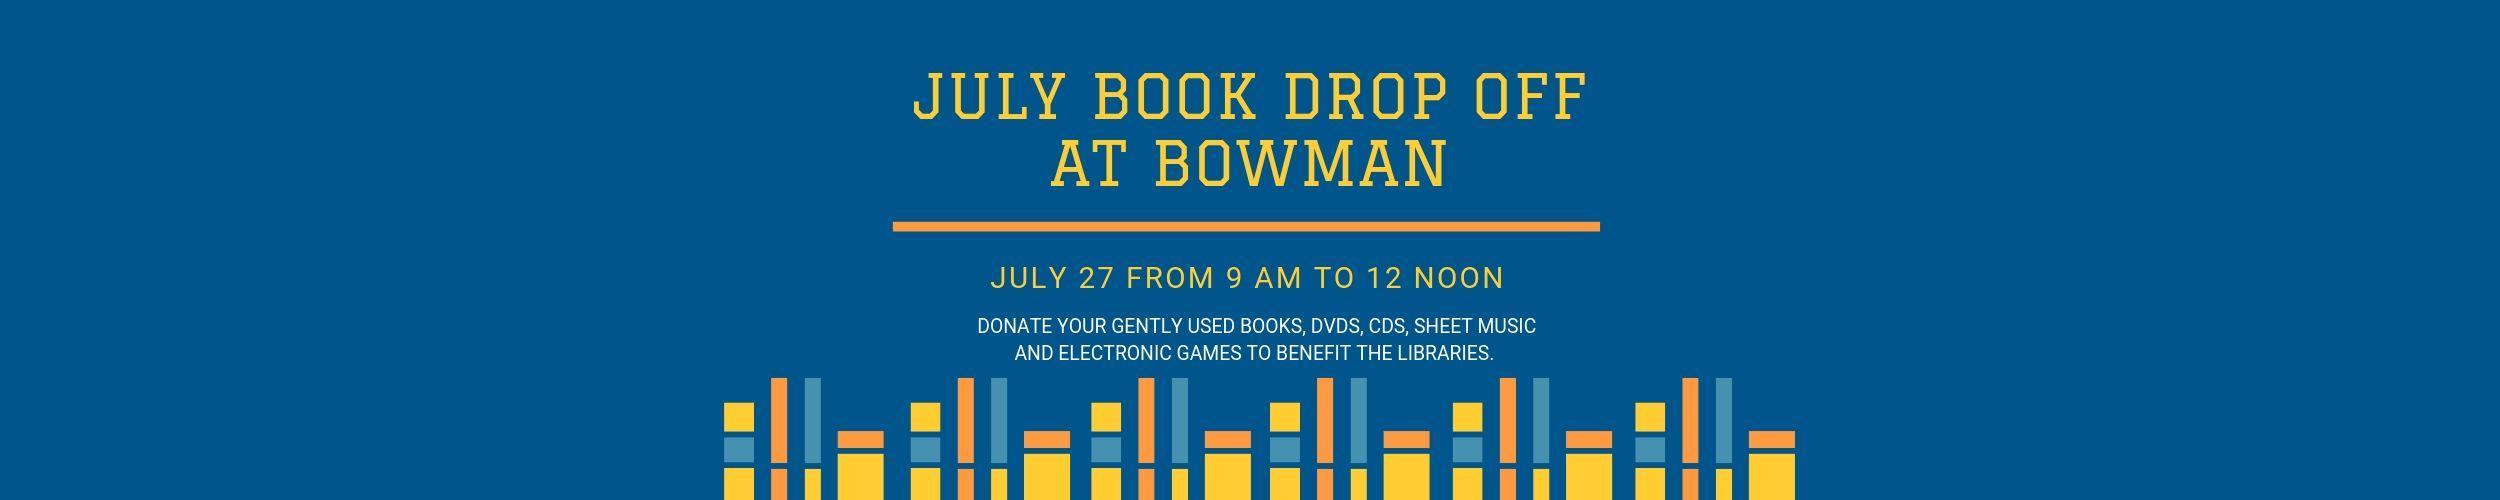 July Book Drop Off